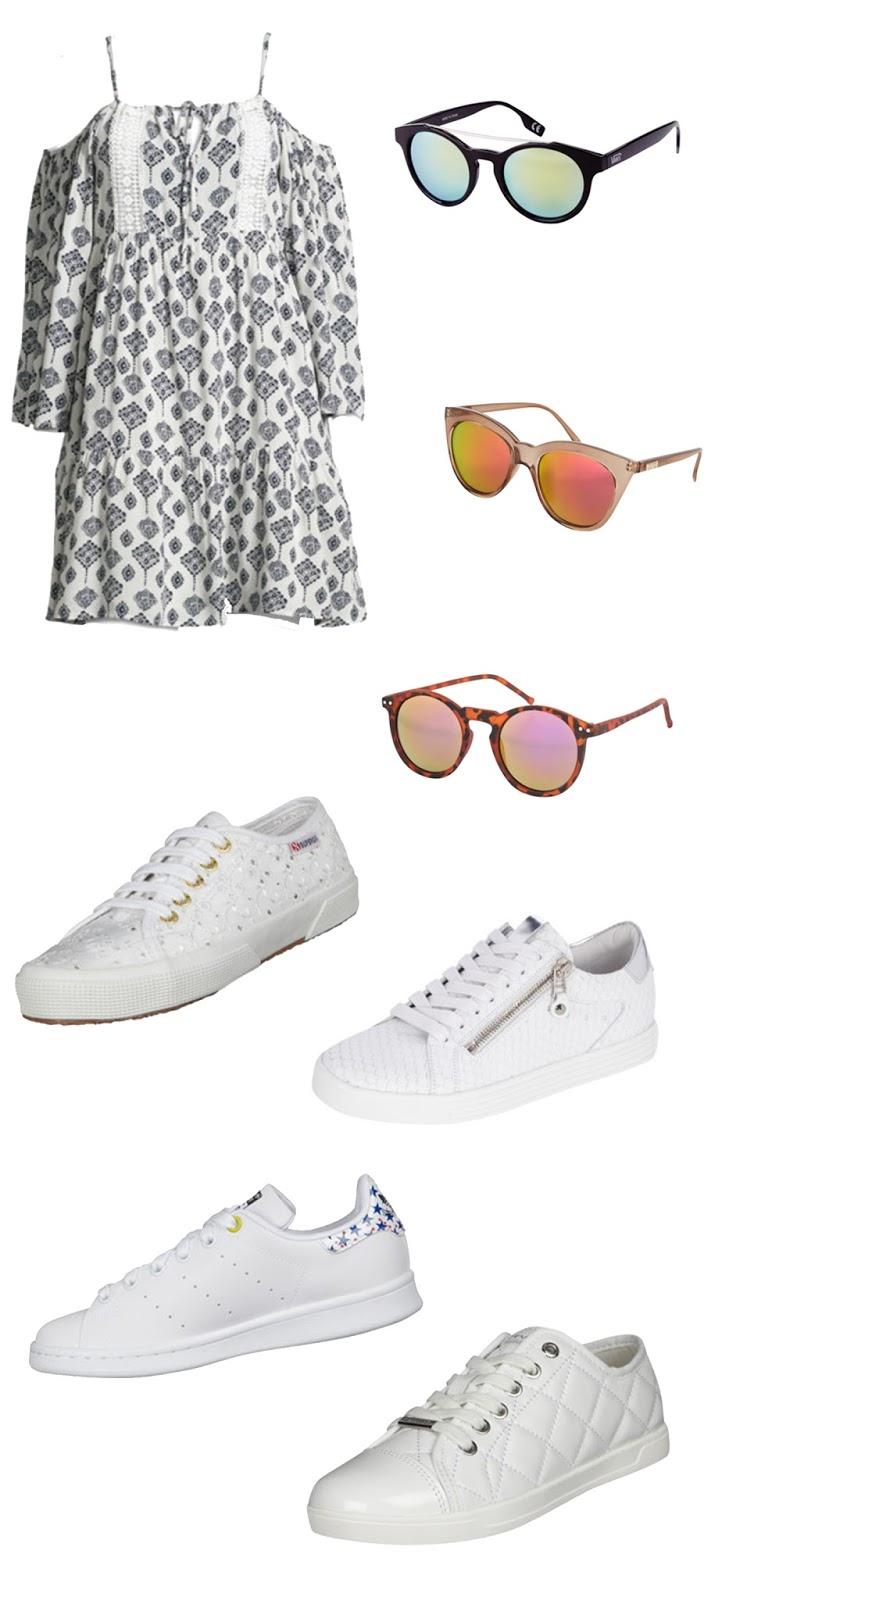 http://www.fashionid.de/